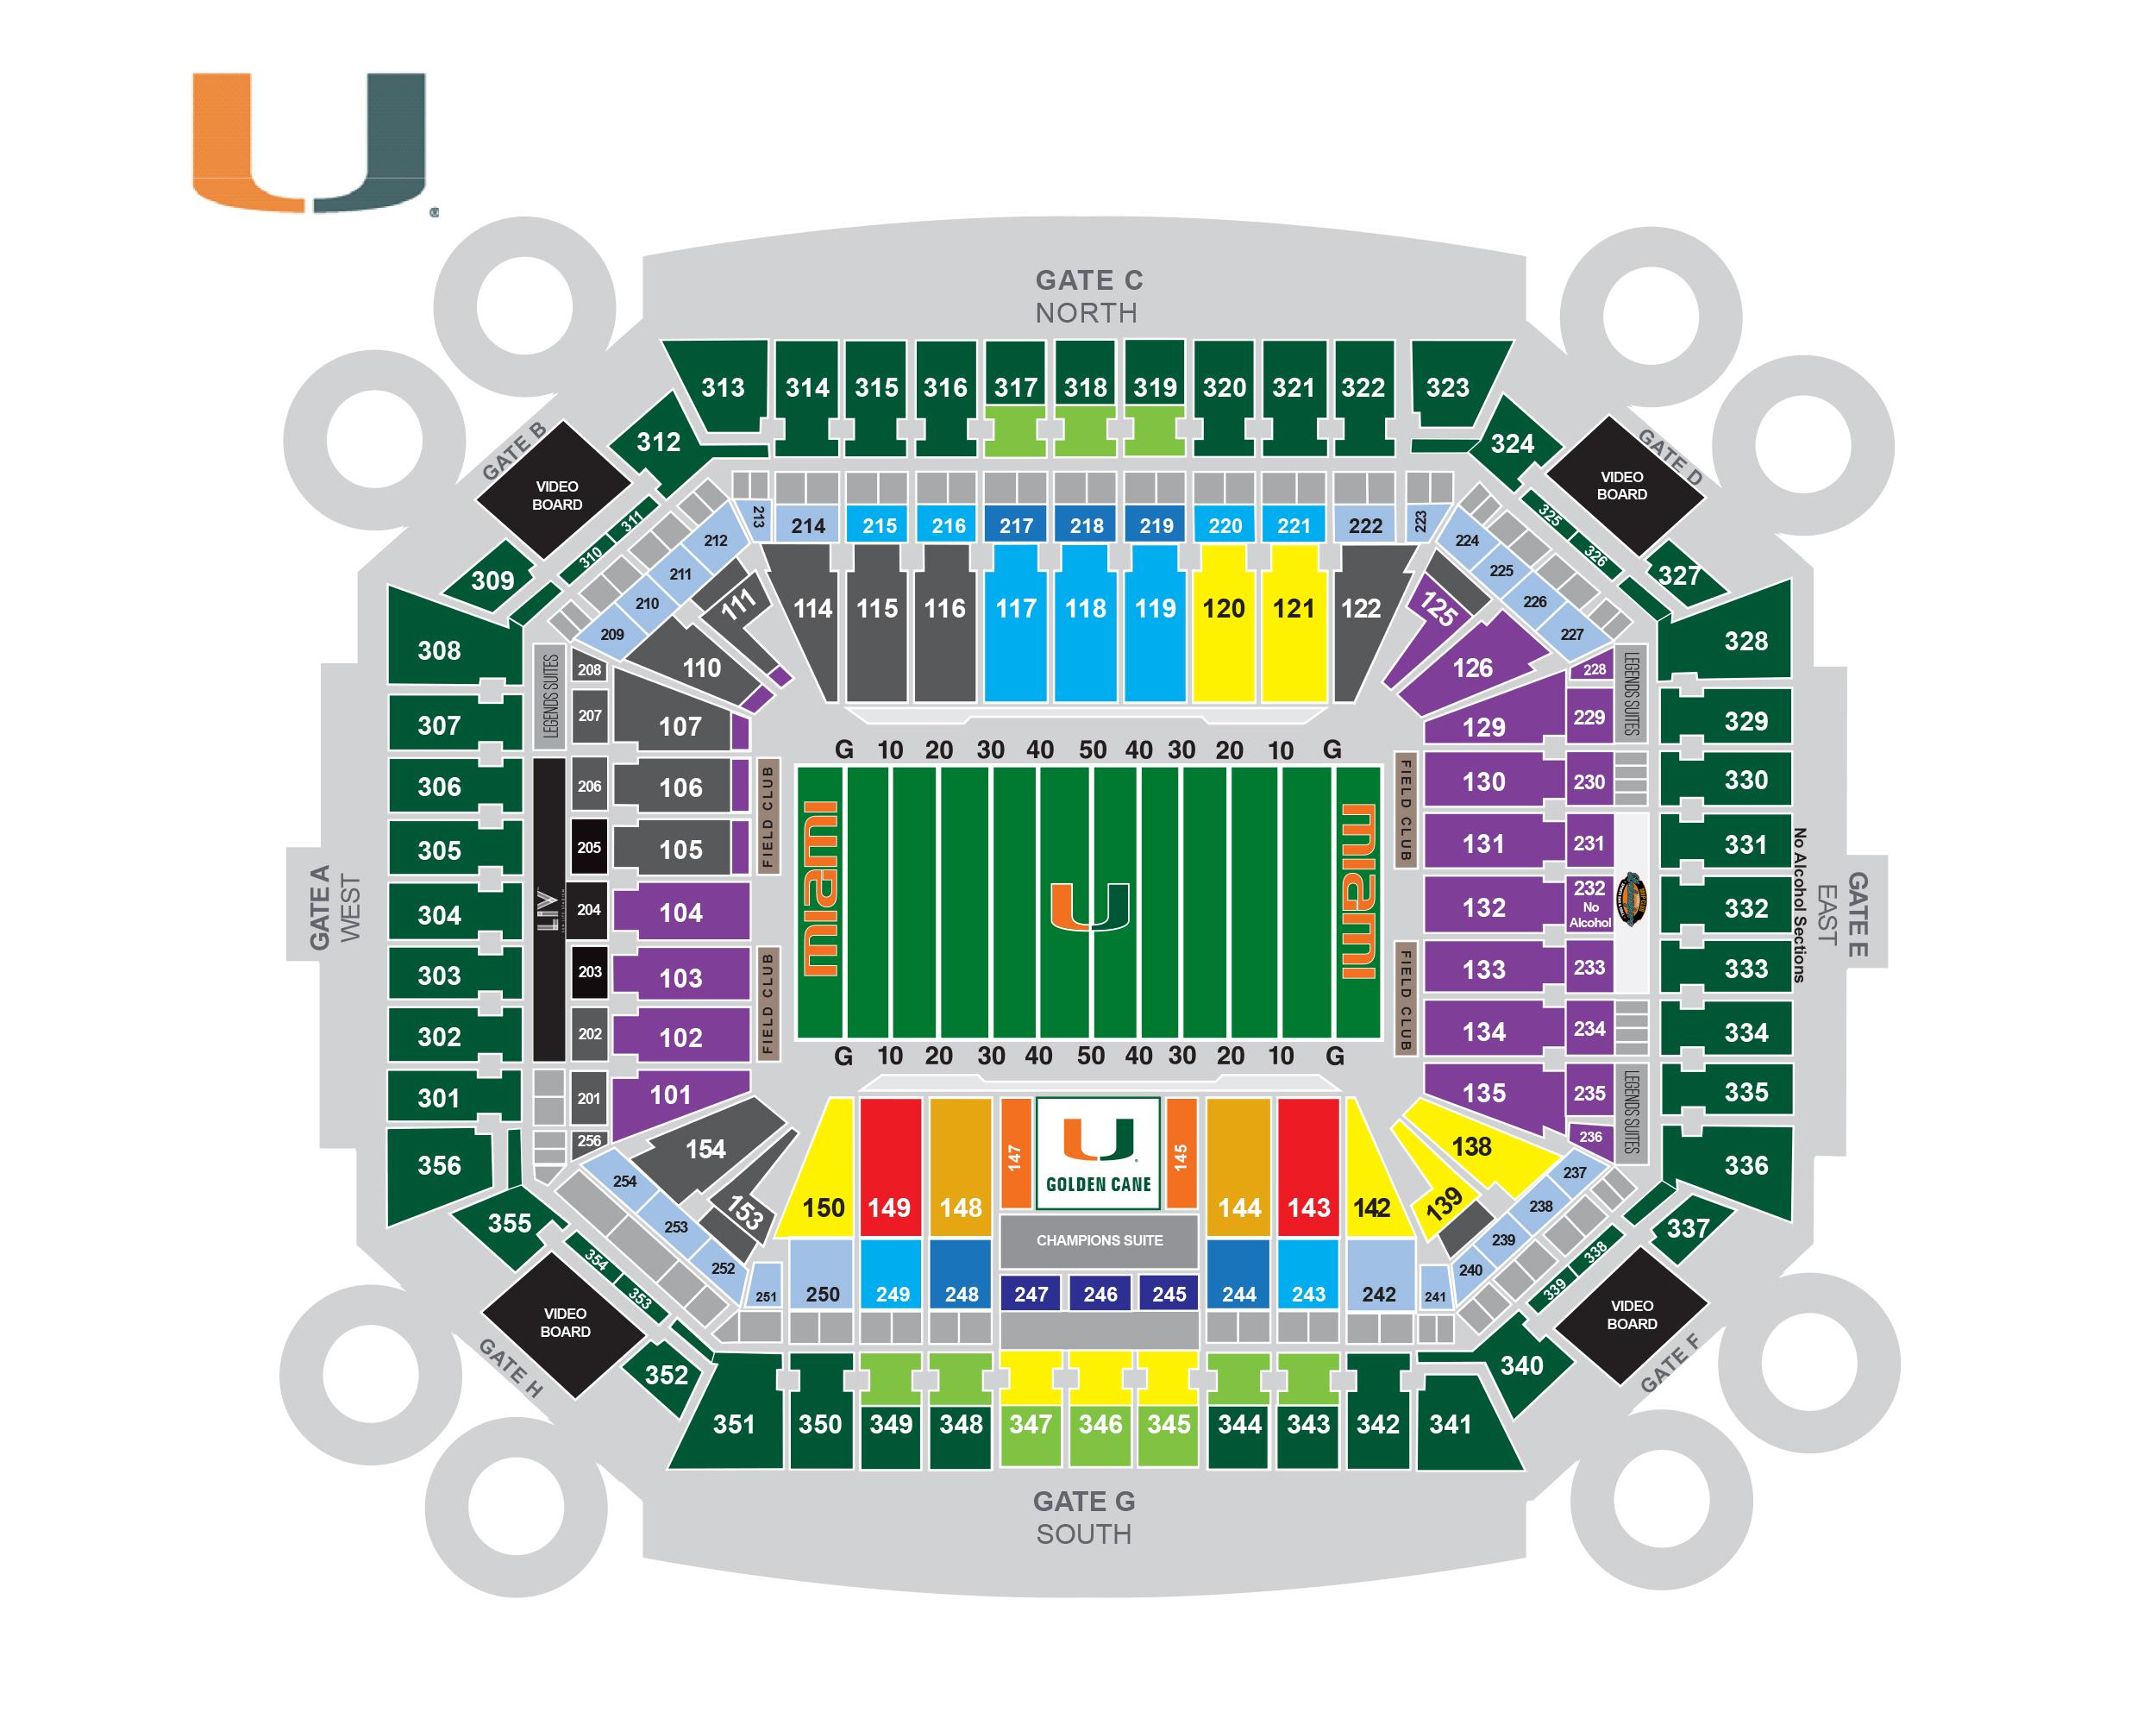 sun life stadium seating chart 2015 Lookokeyes